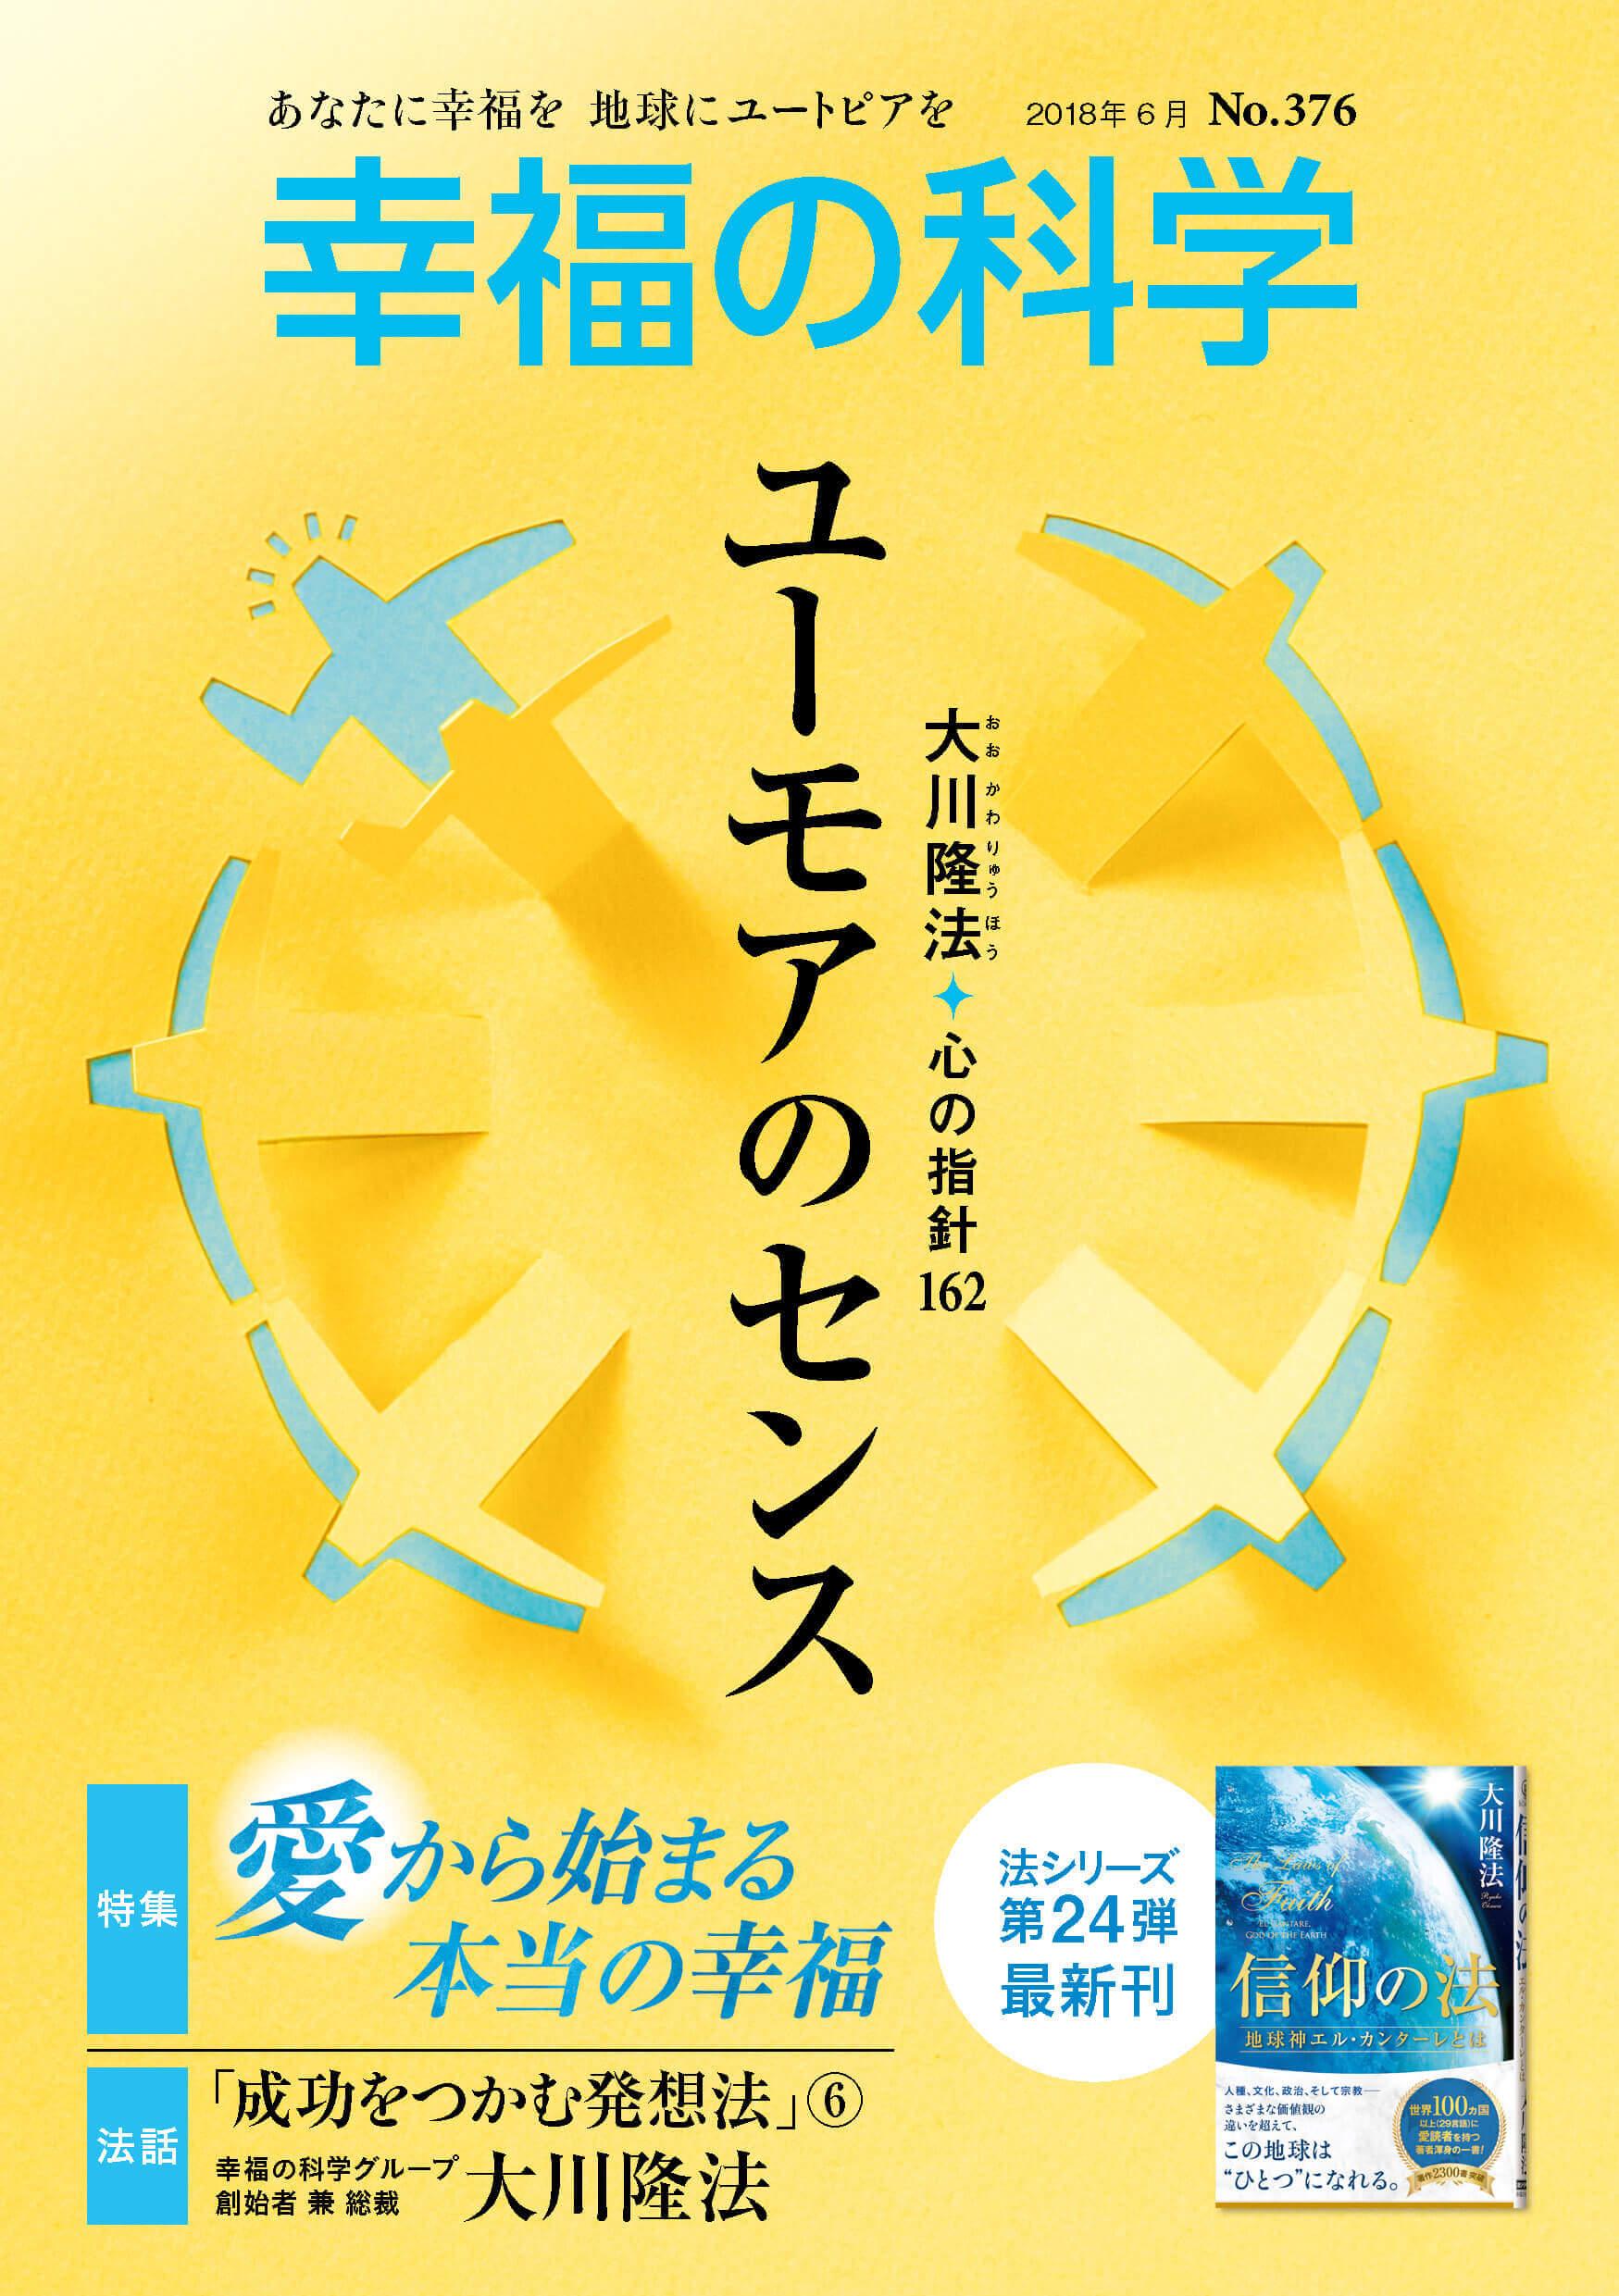 月刊「幸福の科学」6月号(No.376)